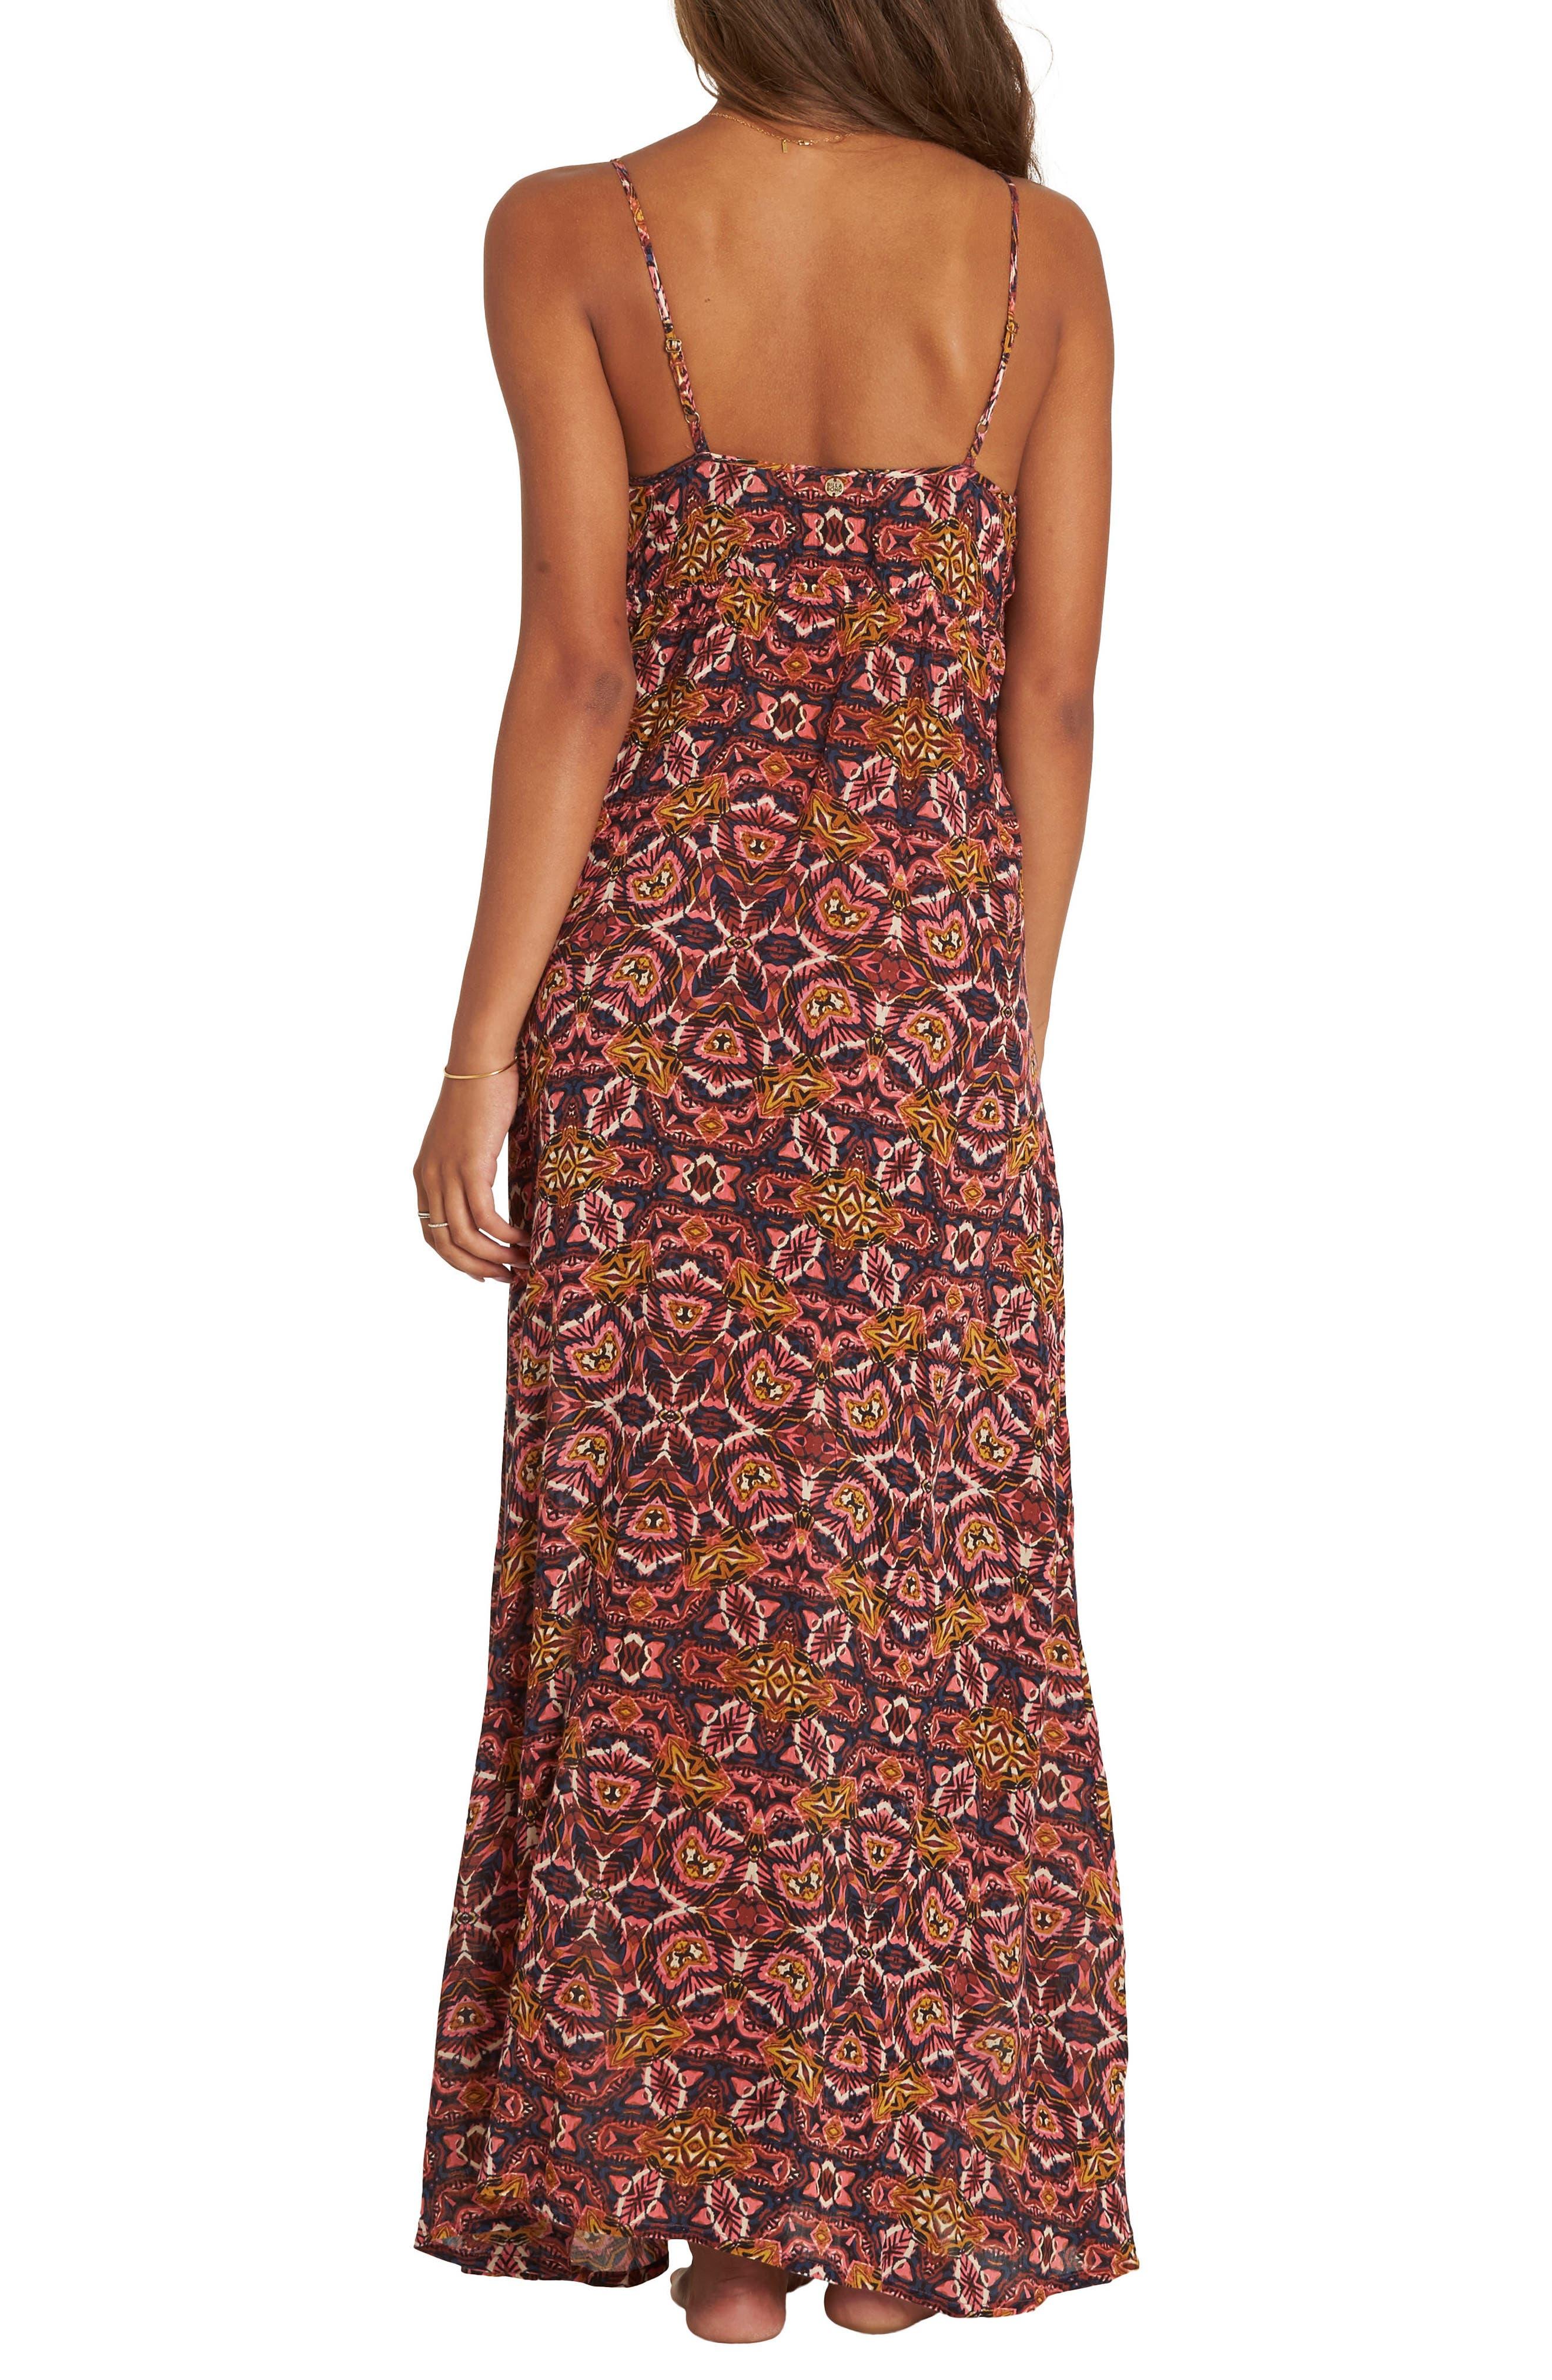 Sky On Fire Maxi Dress,                             Alternate thumbnail 2, color,                             Multi